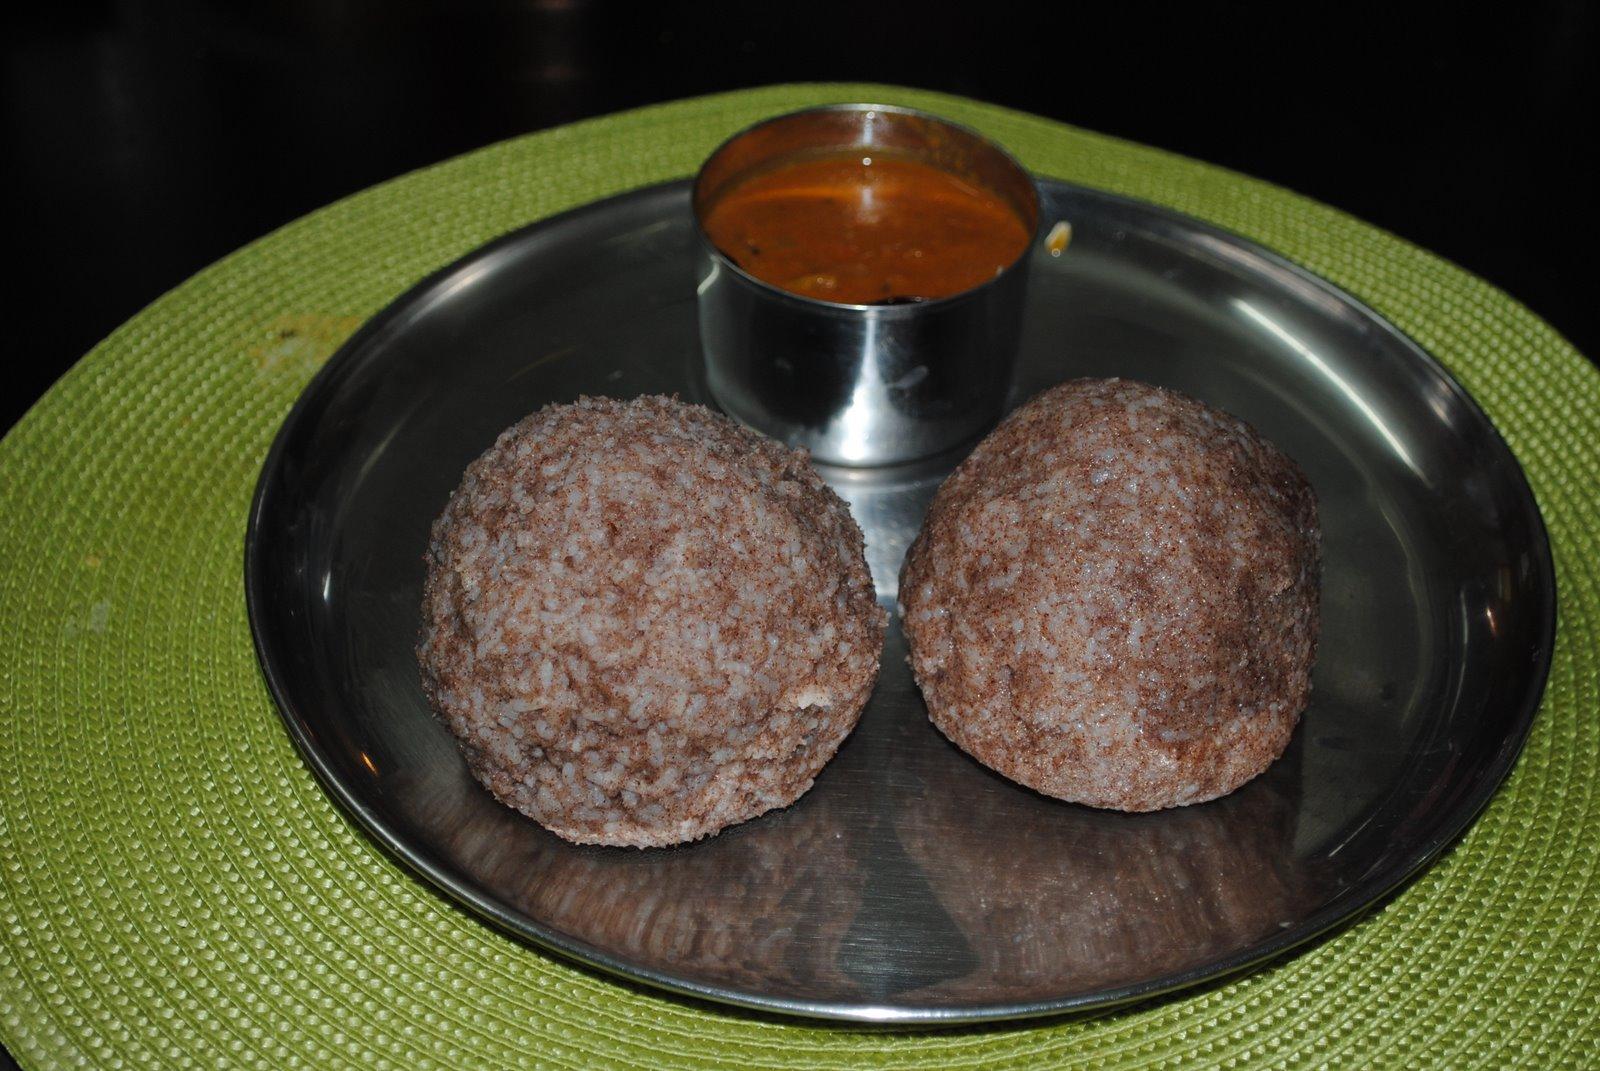 Tamil veg cooking ragi ball kali ragi ball kali forumfinder Image collections